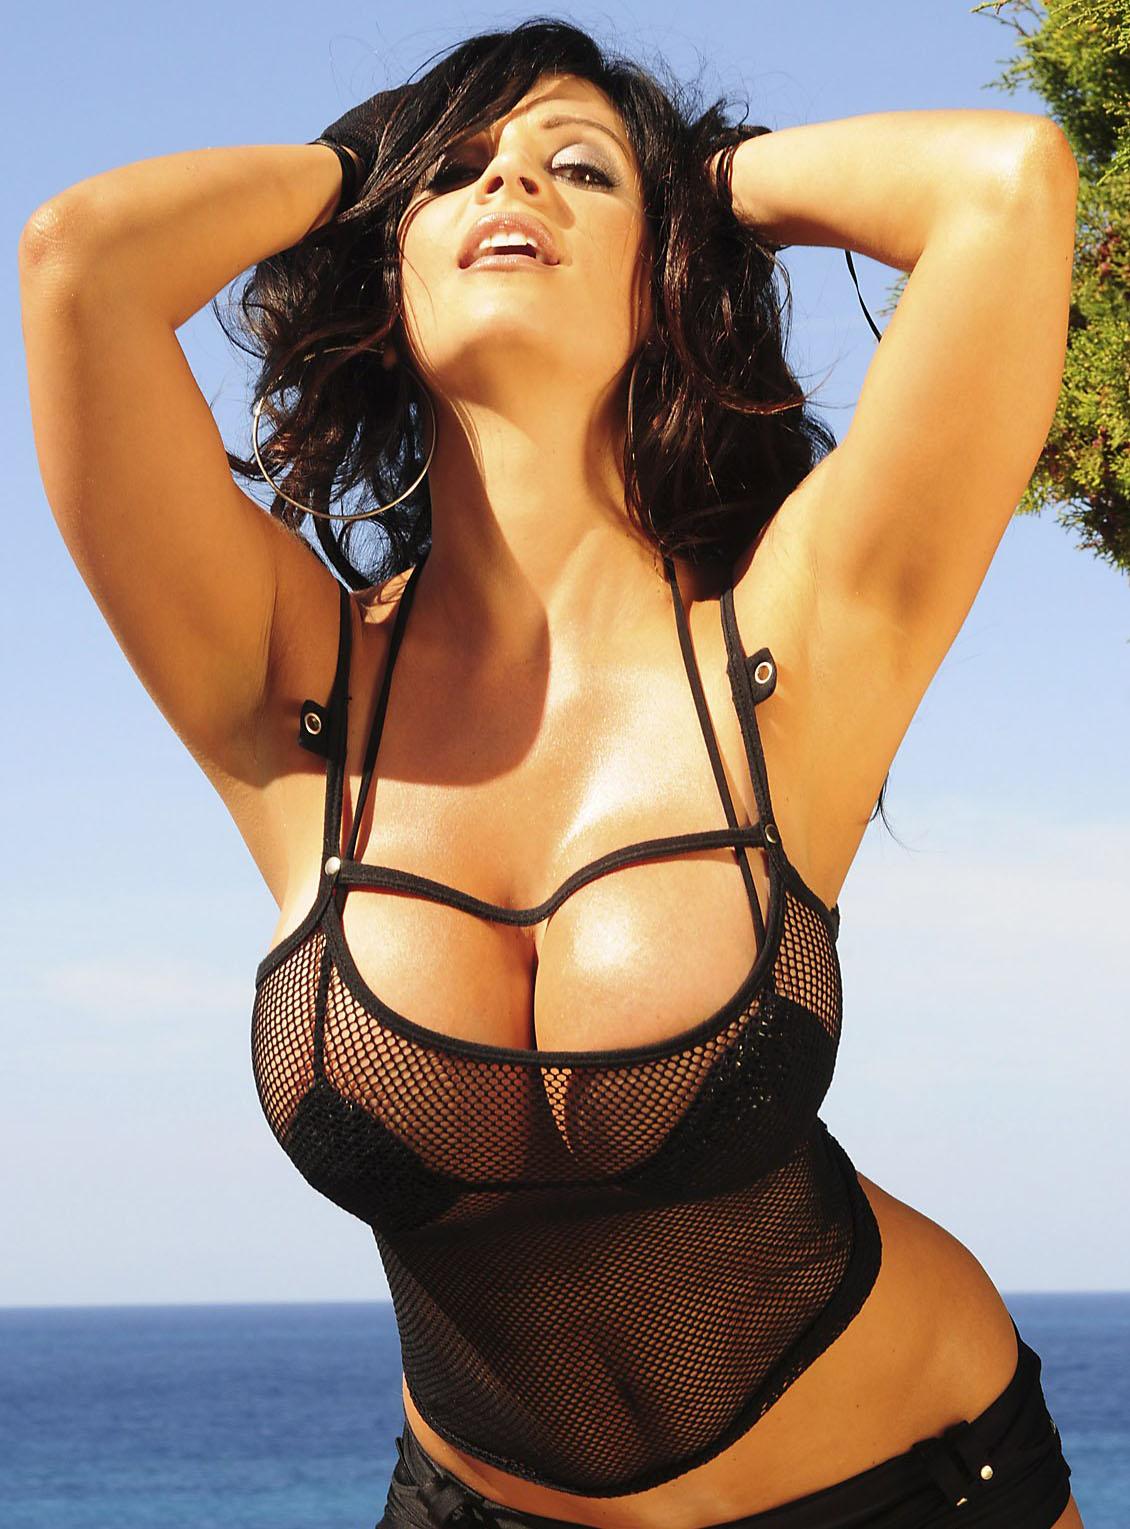 http://3.bp.blogspot.com/-v0-aLBjf8Sg/Th5KH2QrqEI/AAAAAAAAfaM/f3HQGZBJb5g/s1600/denise_milani_pic.jpg